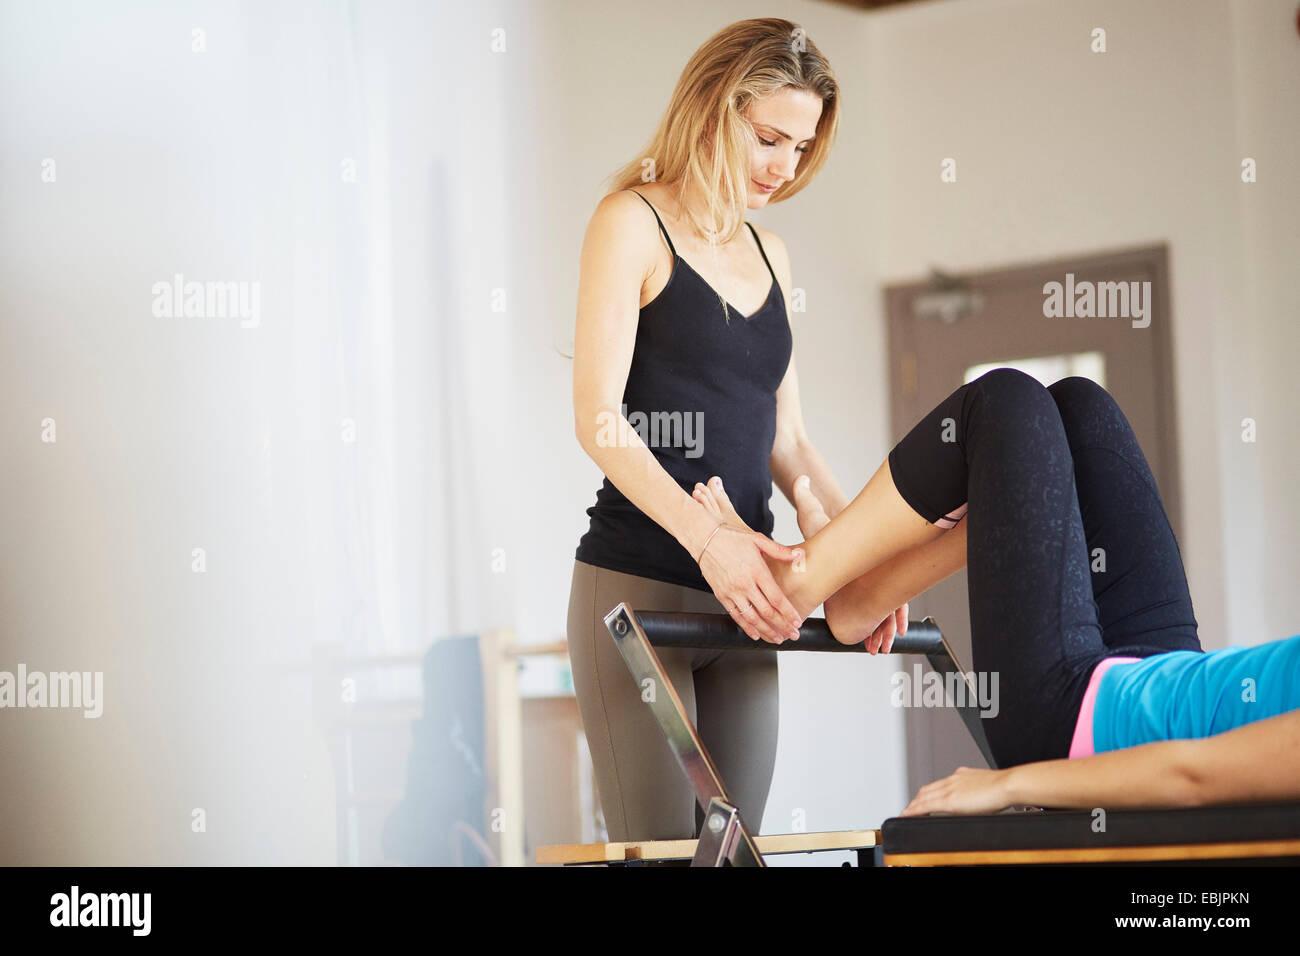 El Tutor mantiene los pies del estudiante de sexo femenino acostado sobre reformador de pilates gimnasio Imagen De Stock